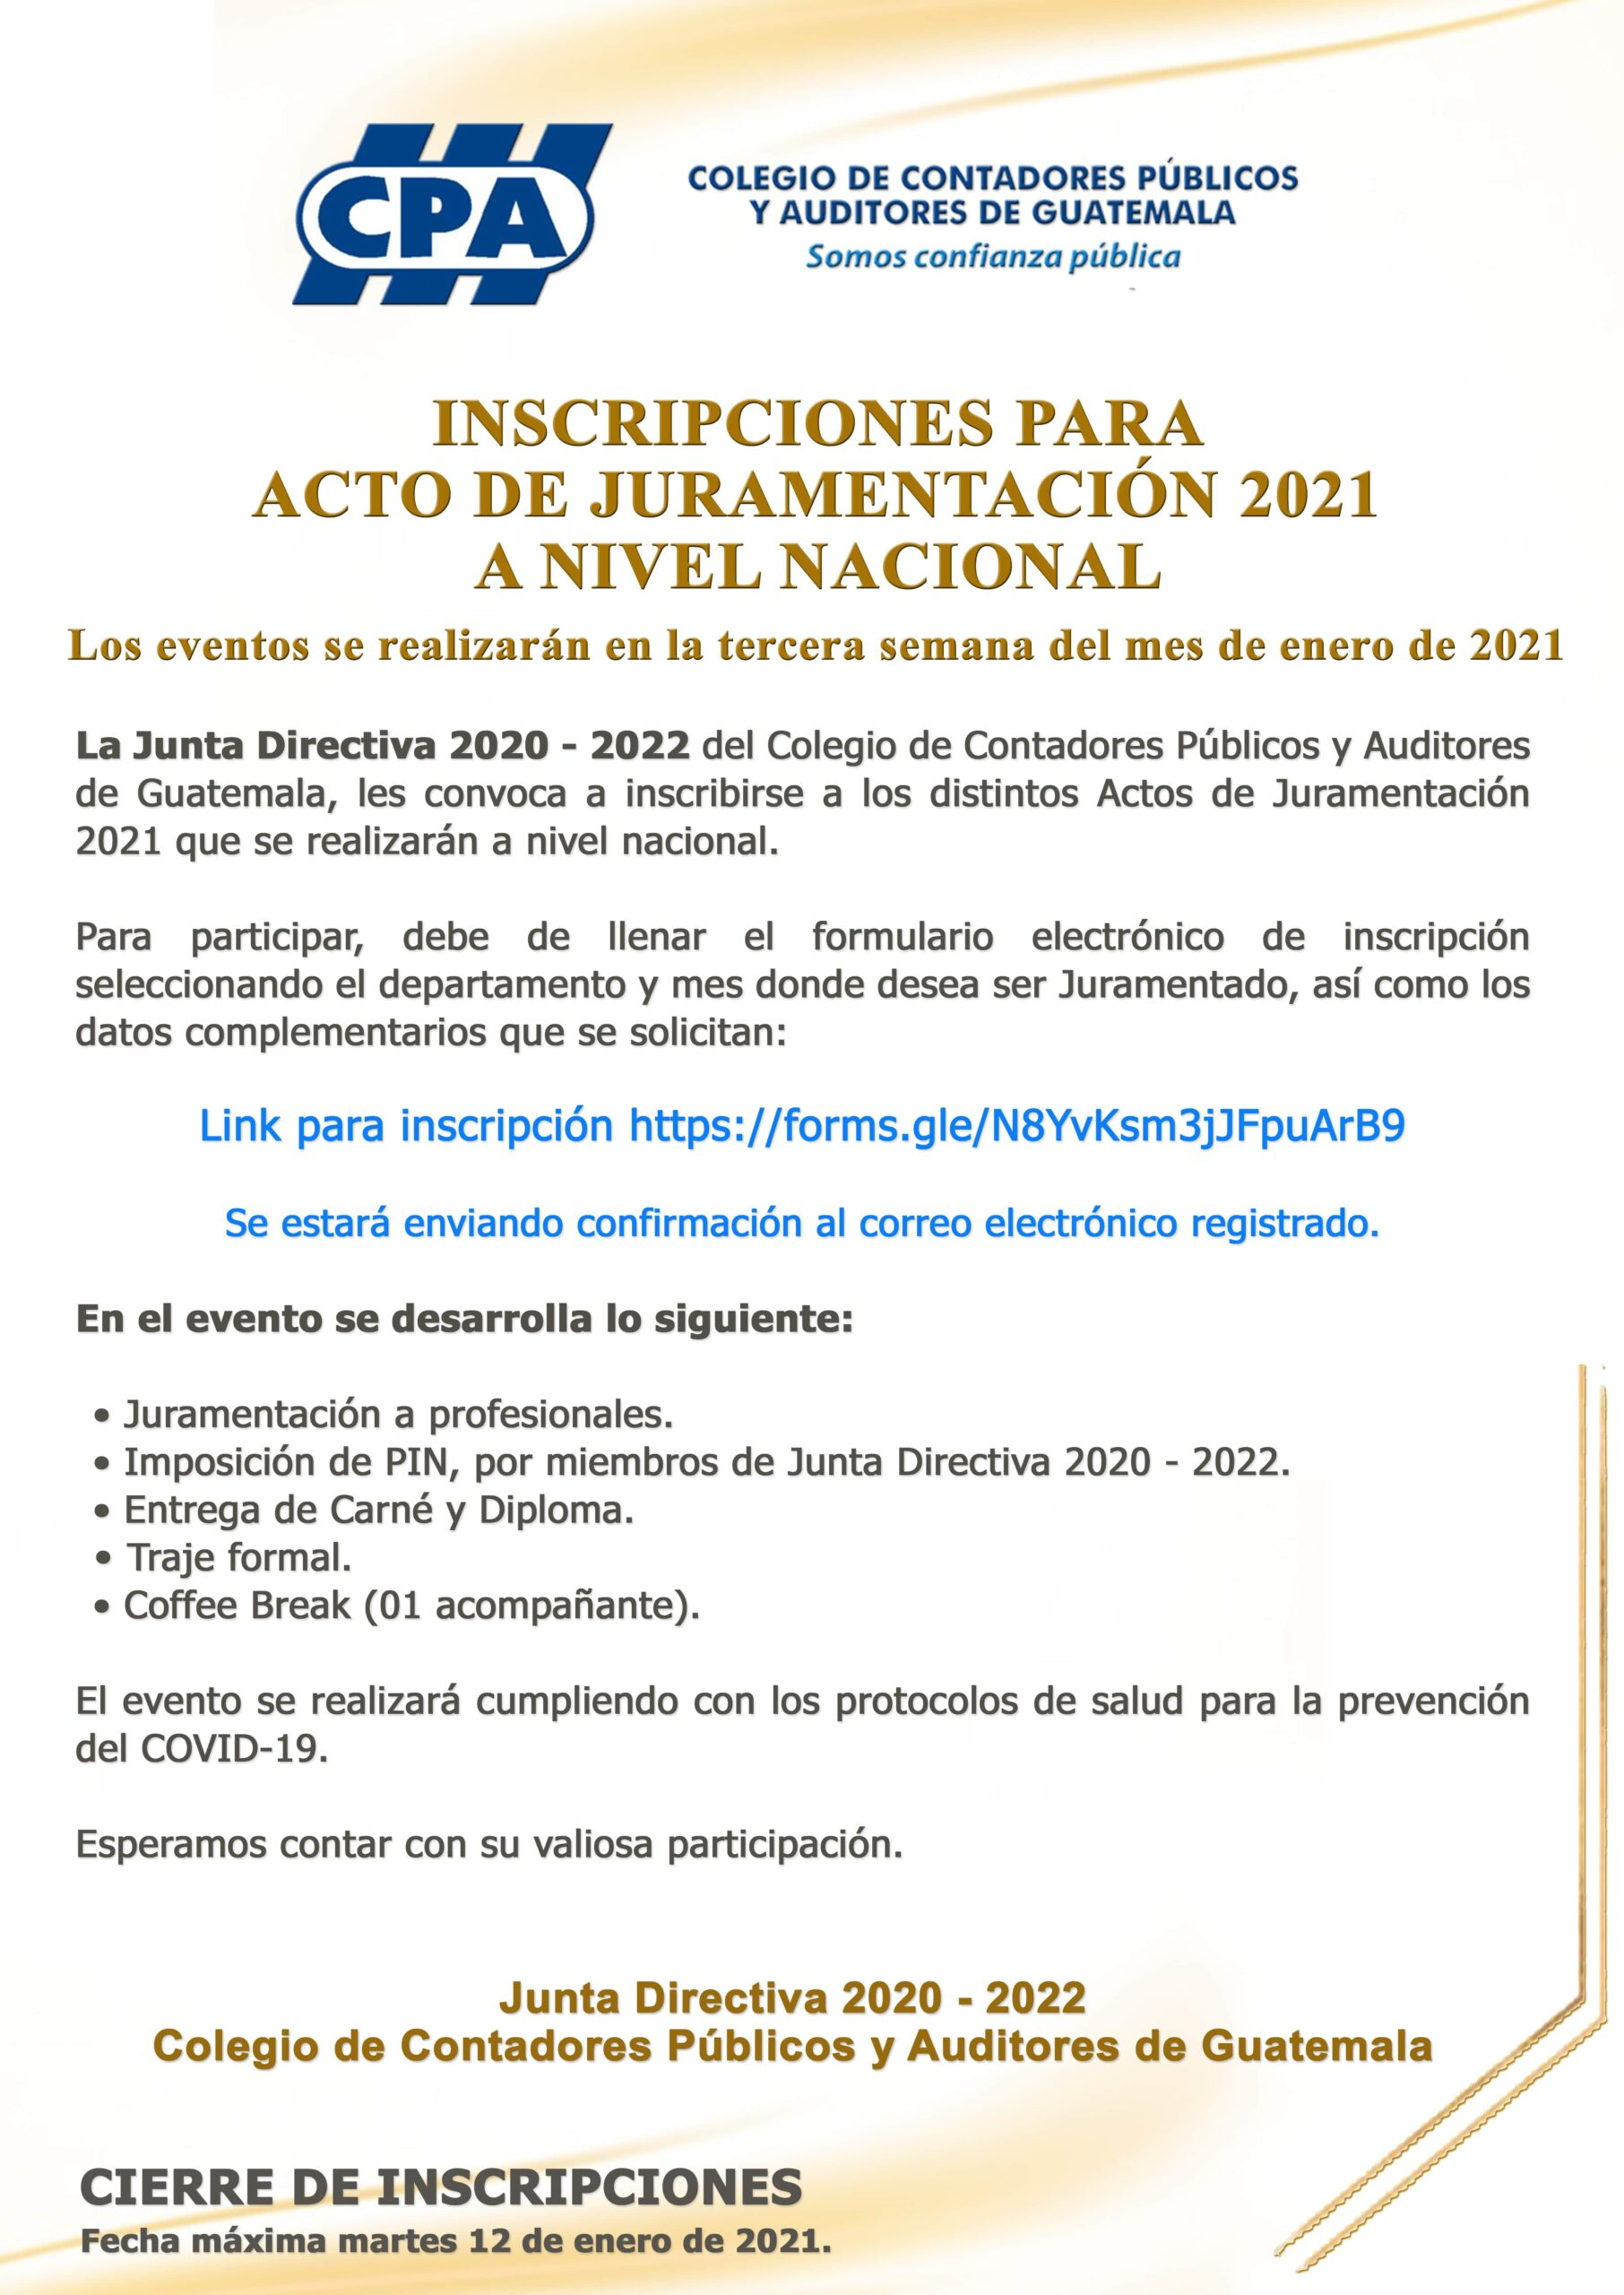 INSCRIPCIÓN PARA ACTO DE JURAMENTACIÓN 2021 | A NIVEL NACIONAL